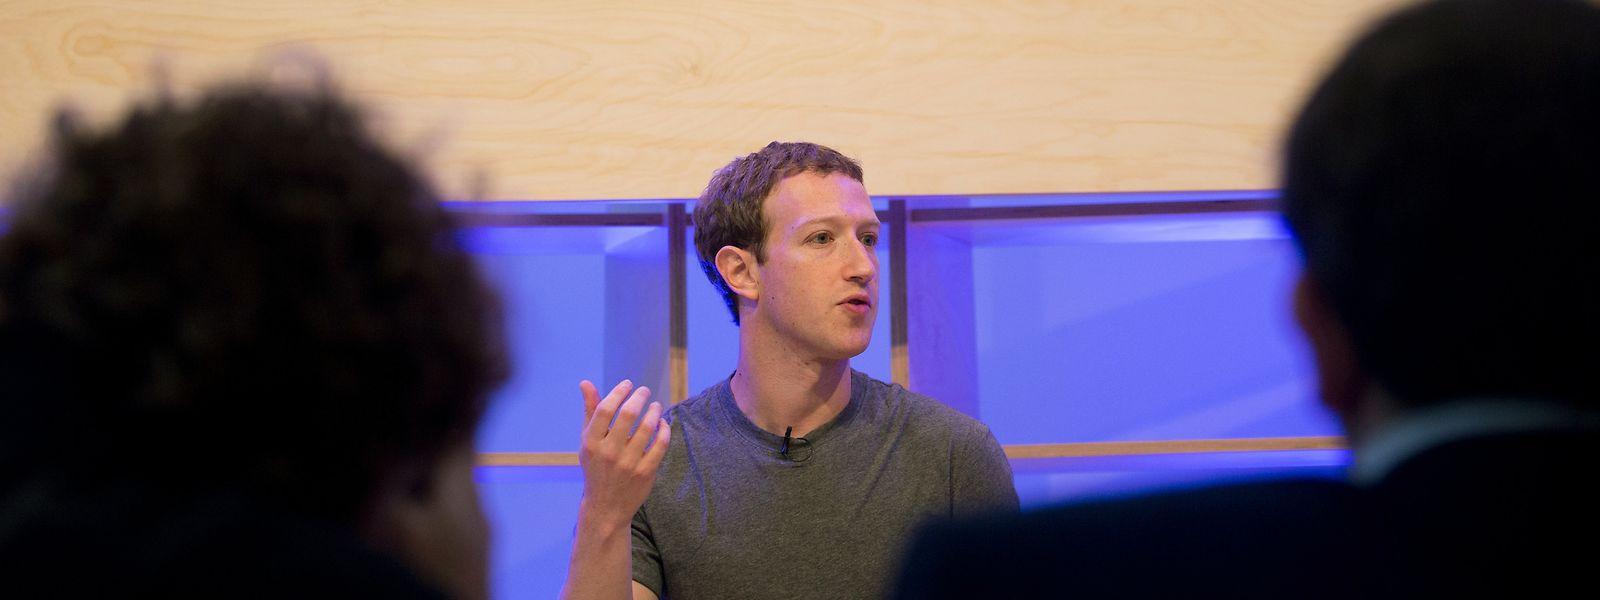 Facebook-Boss Mark Zuckerberg hat schlechte Nachrichten für seine Aktionäre.